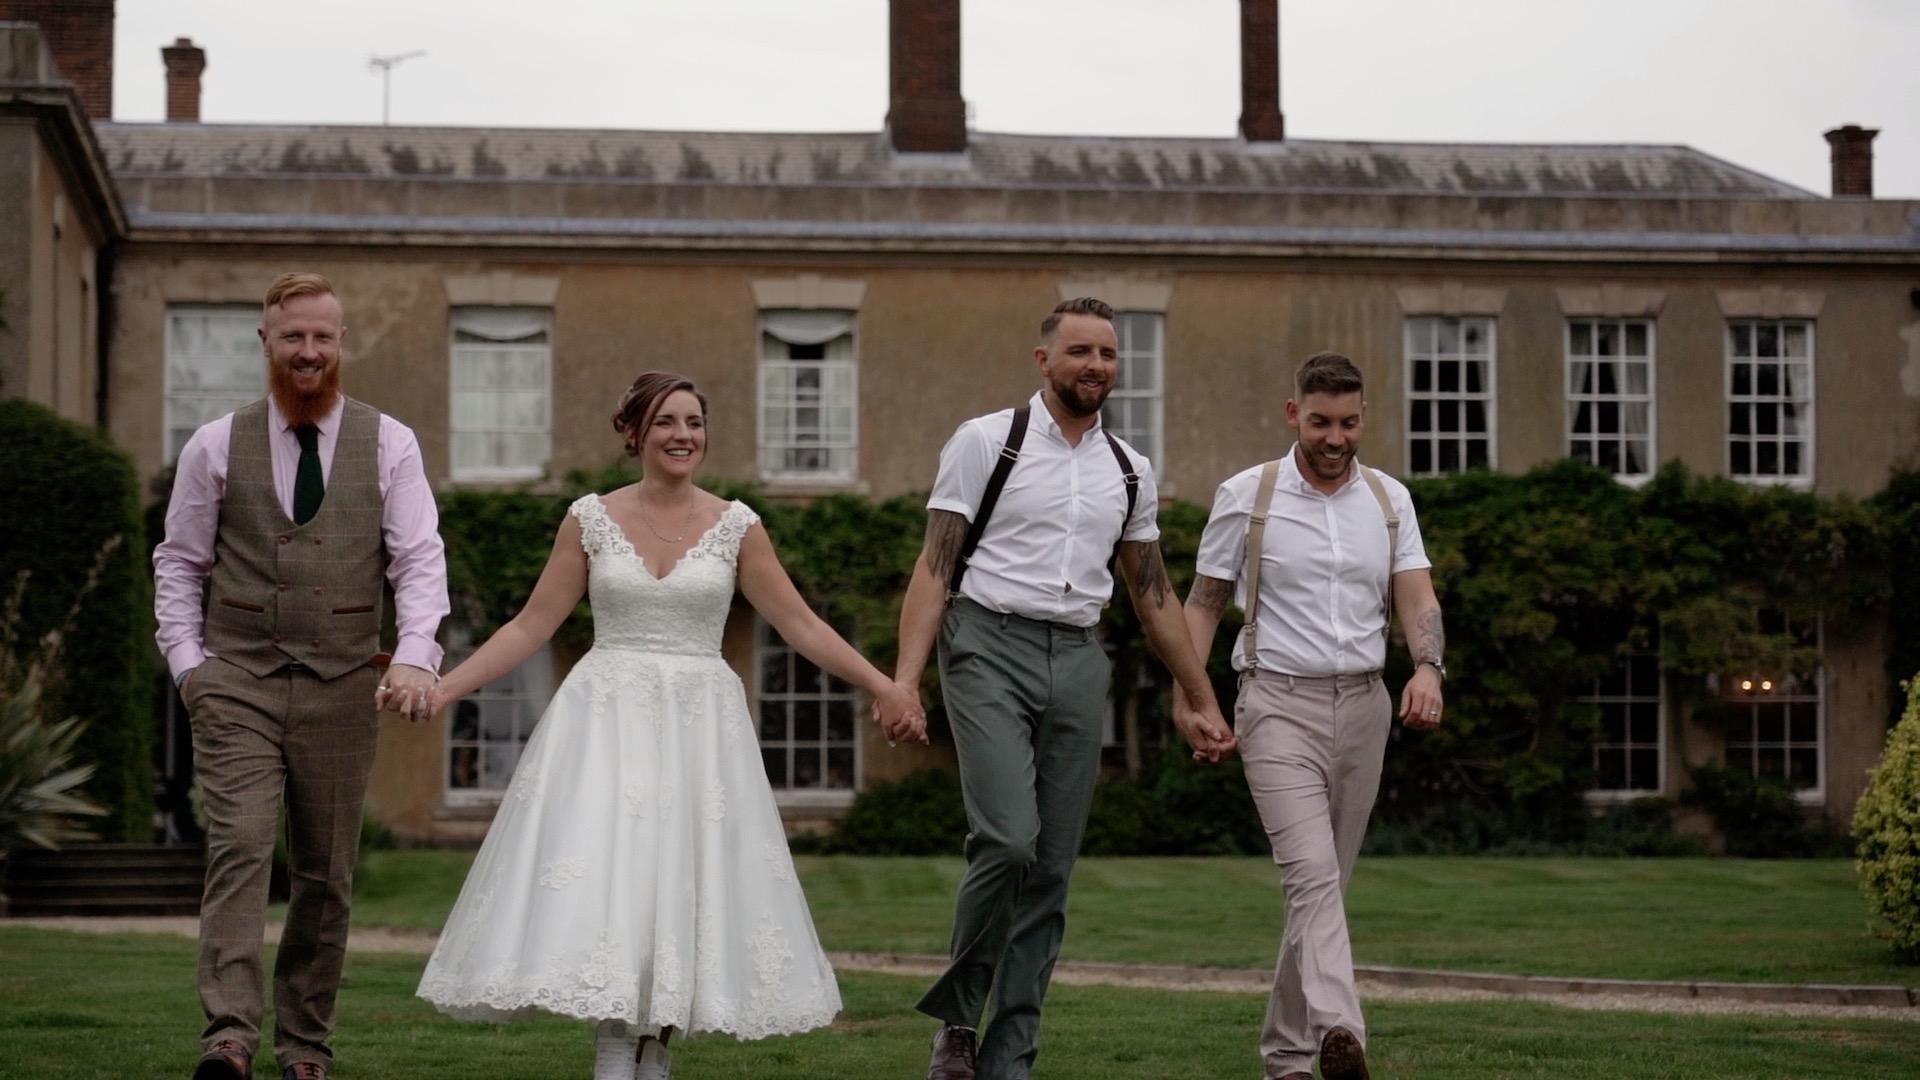 Yeldersley Hall wedding